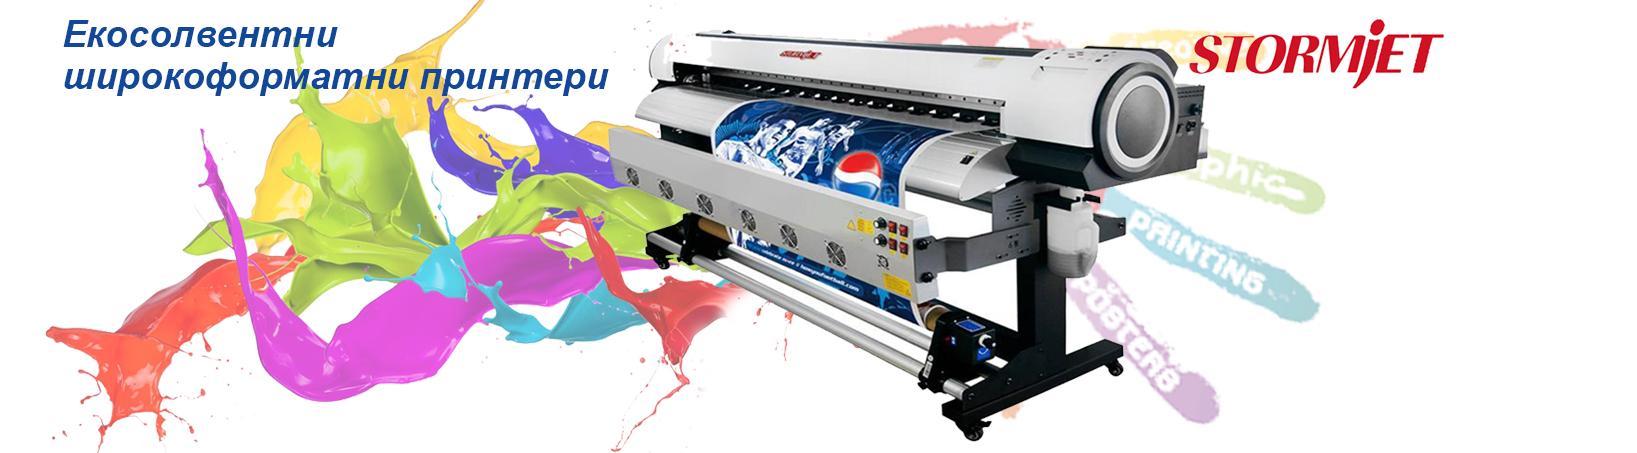 Екосолвентни широкоформатни принтери